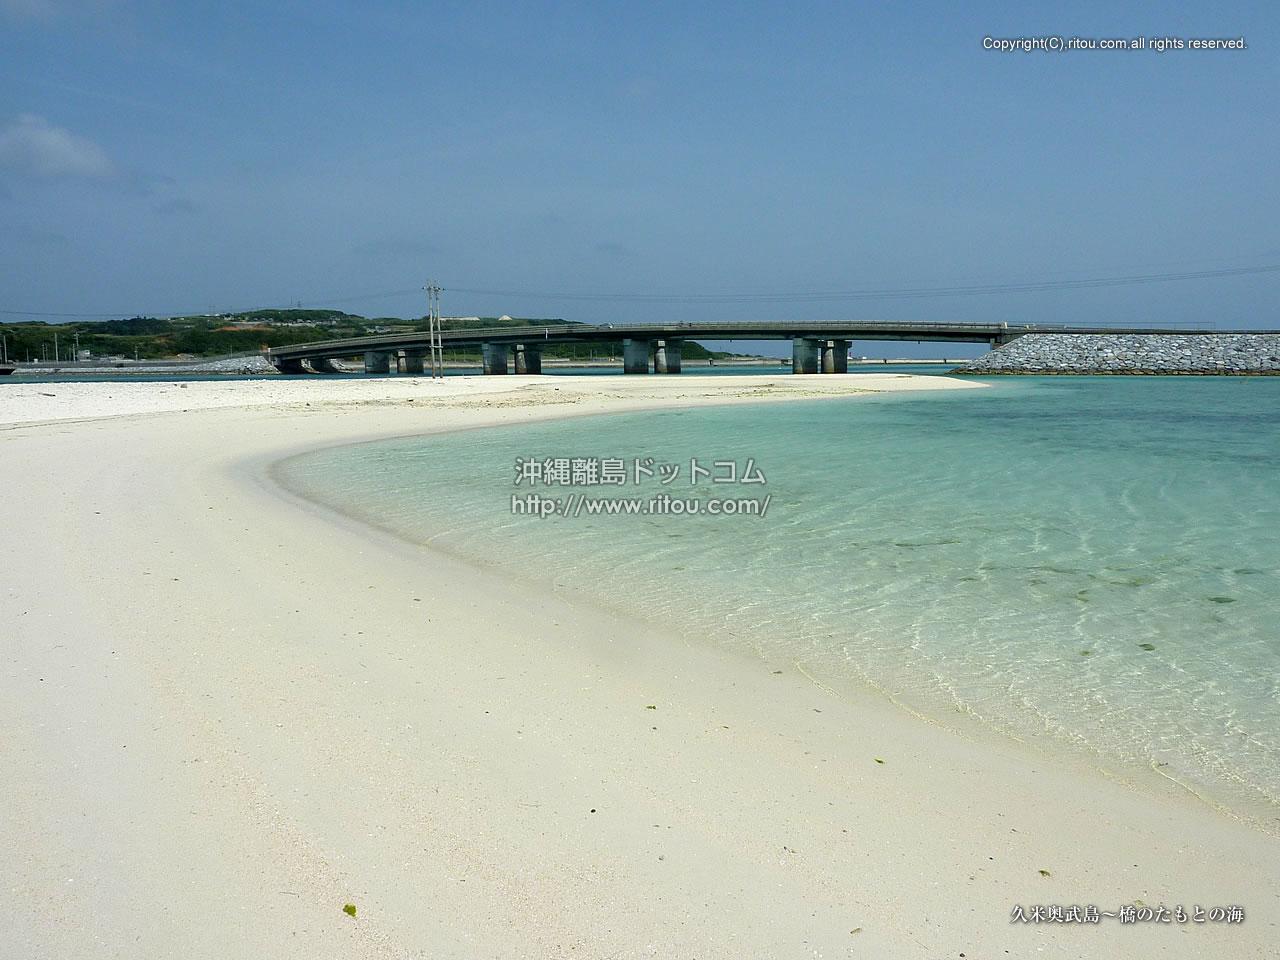 久米奥武島〜橋のたもとの海